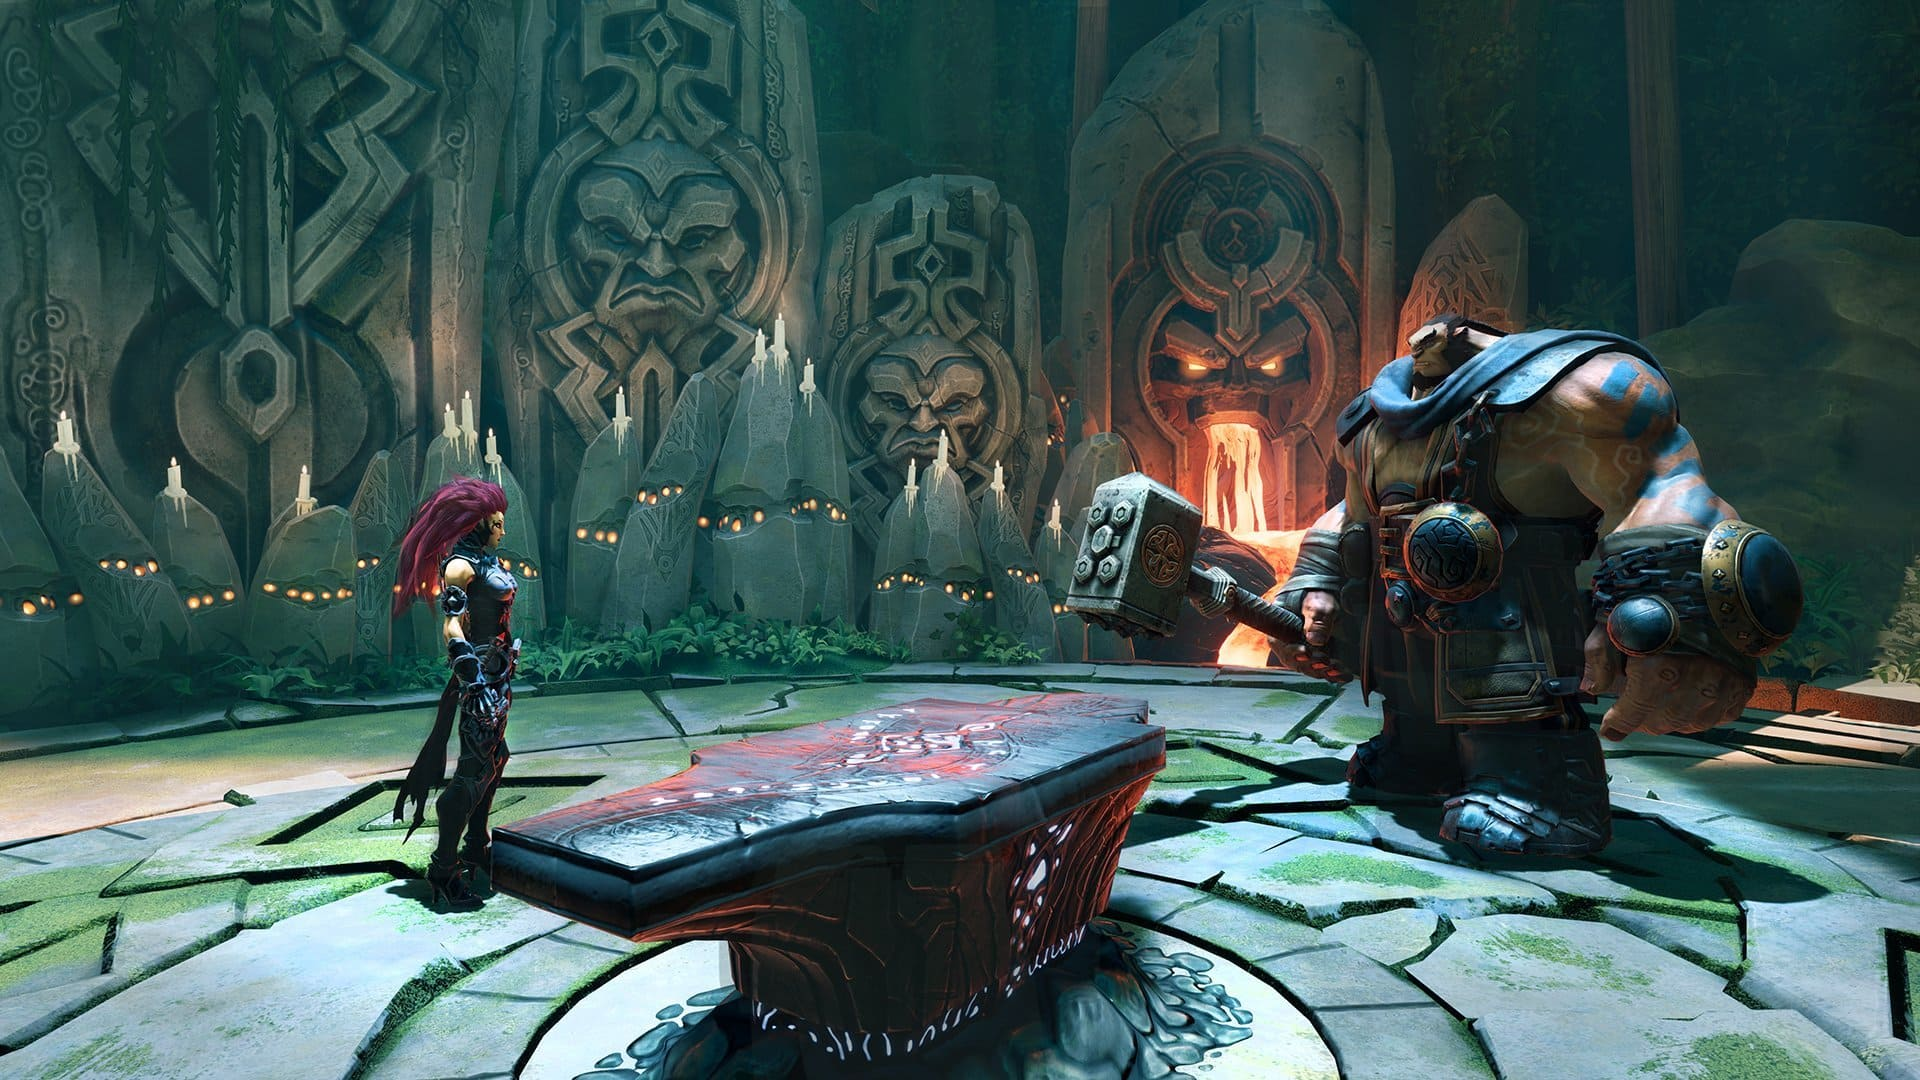 Darksiders III - Primeras imágenes del juego